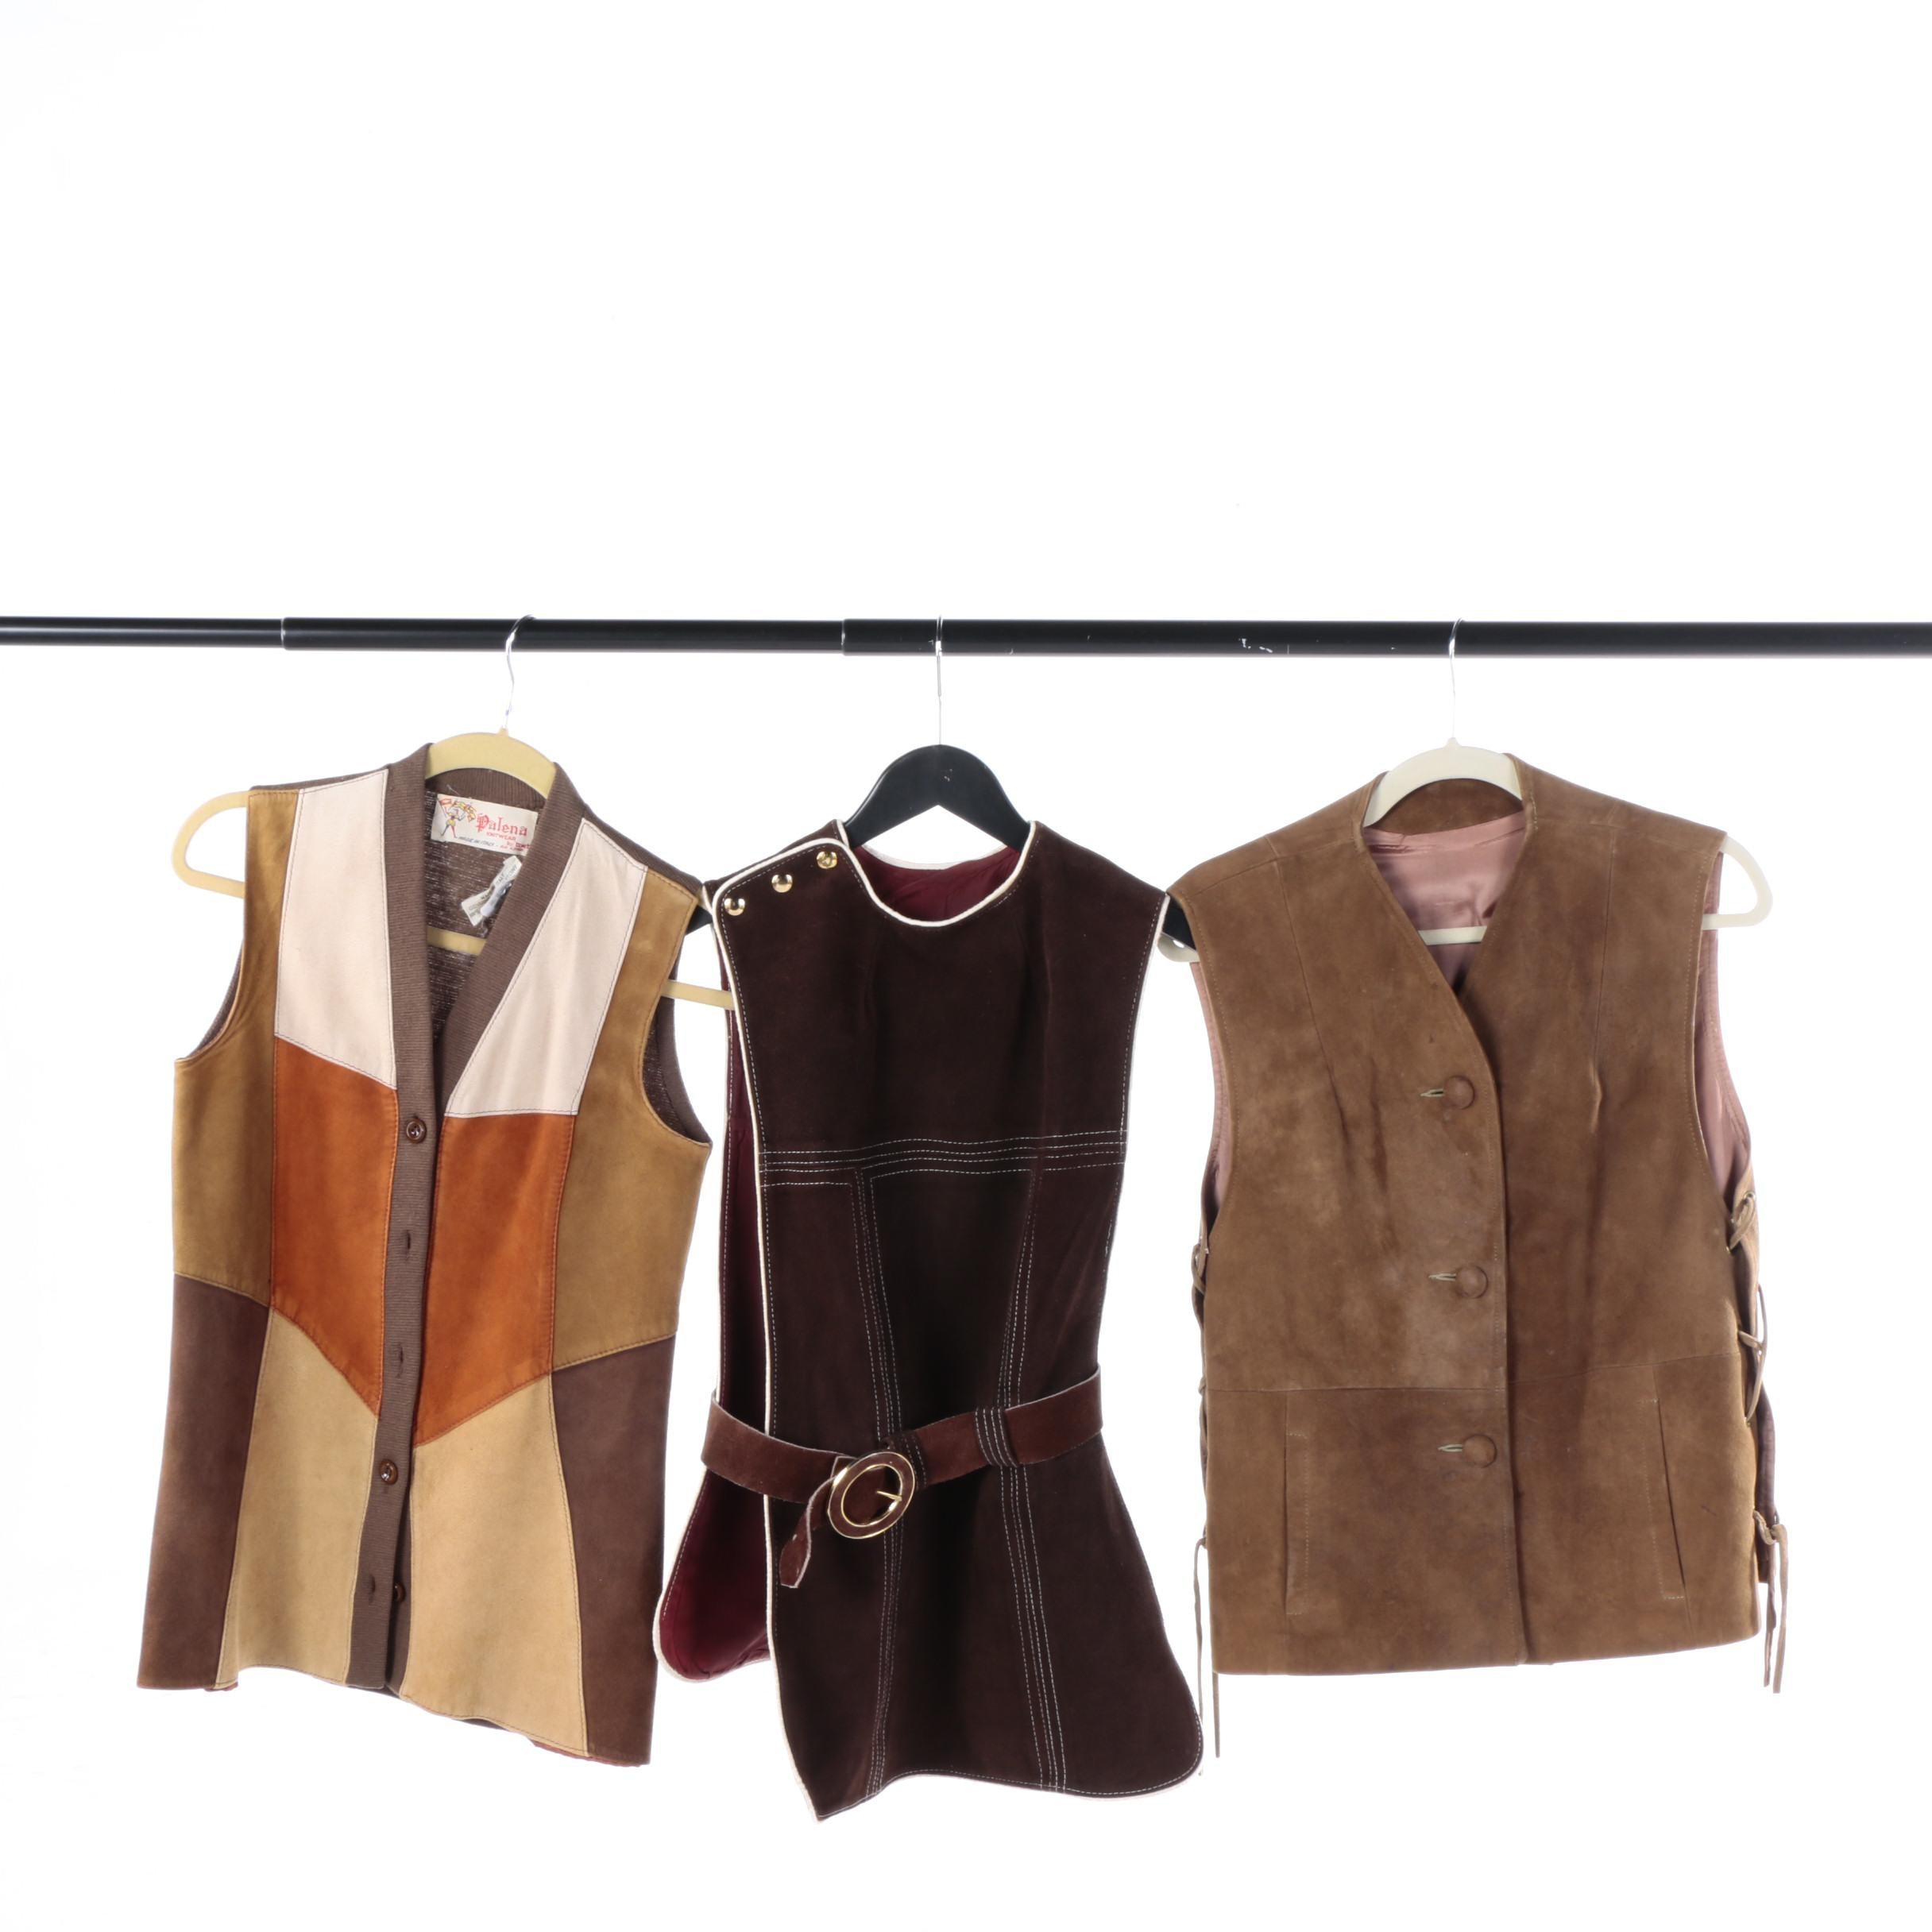 Women's Circa 1970s Vintage Suede Vests